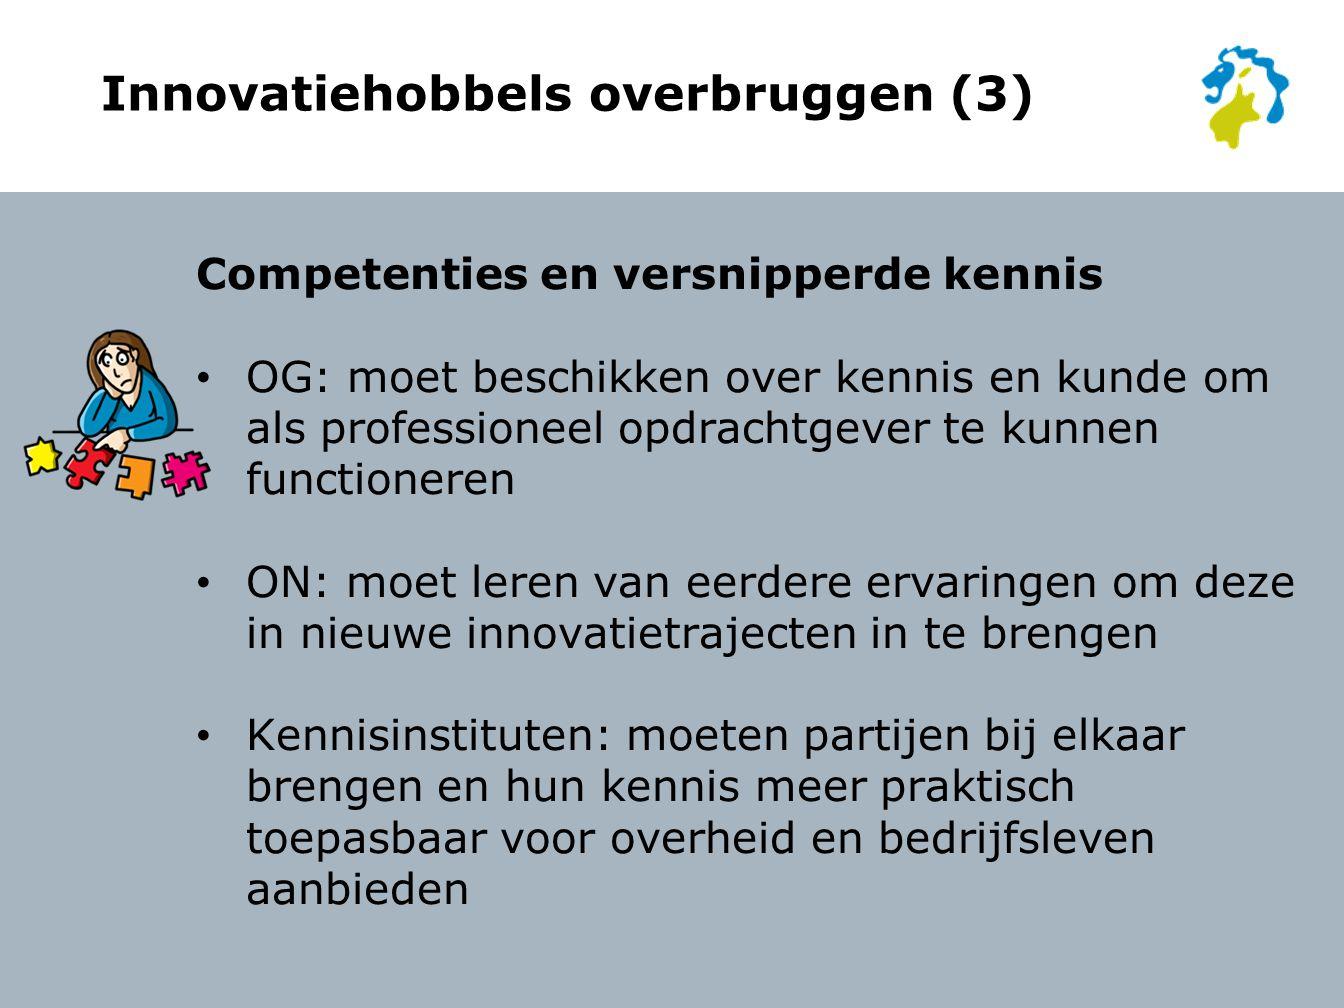 Innovatiehobbels overbruggen (3) Competenties en versnipperde kennis OG: moet beschikken over kennis en kunde om als professioneel opdrachtgever te kunnen functioneren ON: moet leren van eerdere ervaringen om deze in nieuwe innovatietrajecten in te brengen Kennisinstituten: moeten partijen bij elkaar brengen en hun kennis meer praktisch toepasbaar voor overheid en bedrijfsleven aanbieden